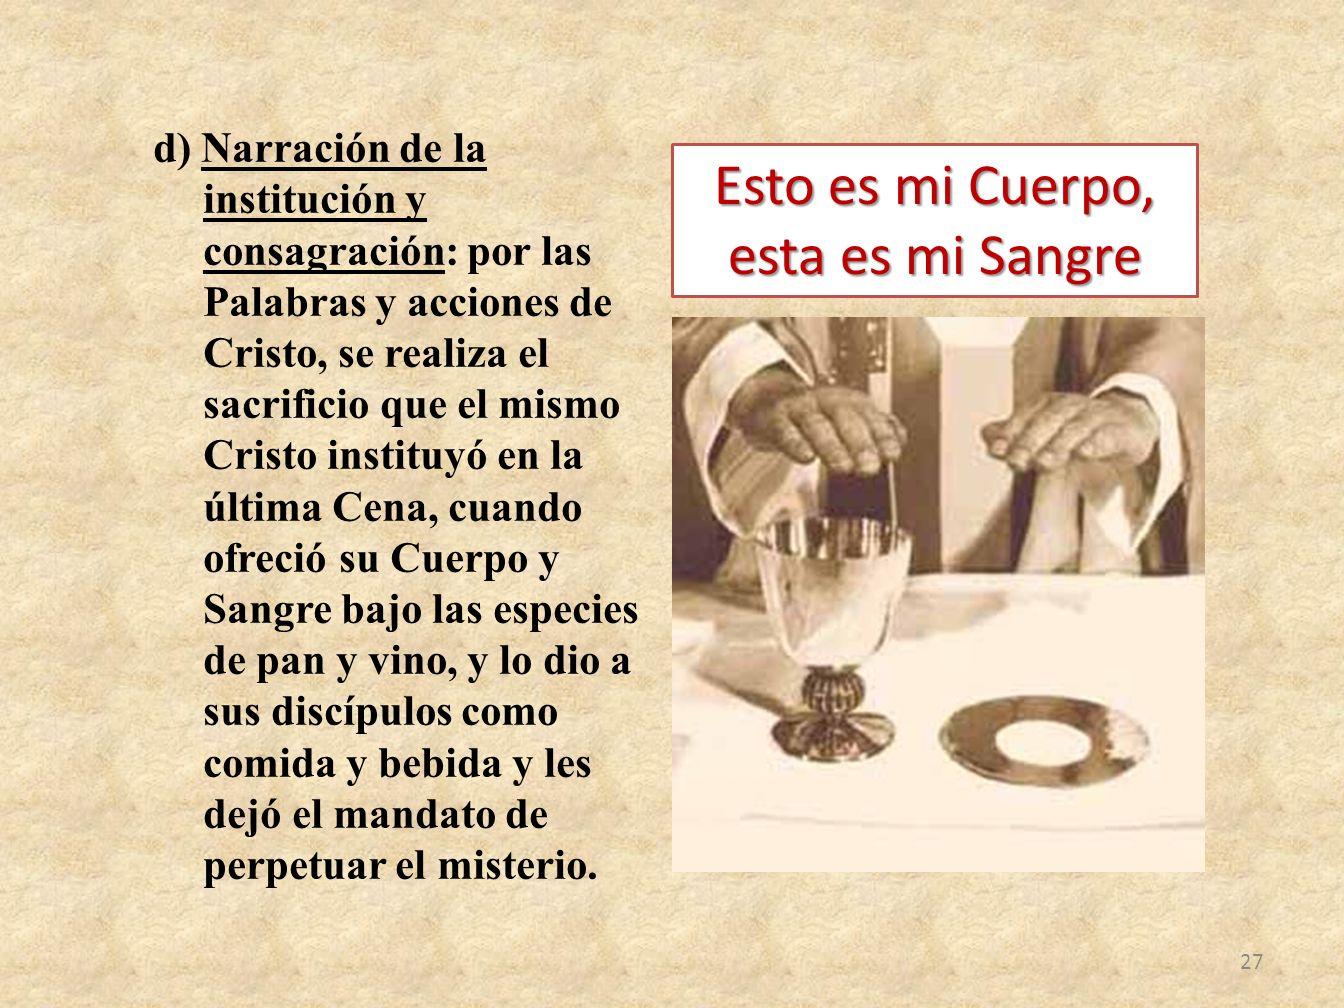 d) Narración de la institución y consagración: por las Palabras y acciones de Cristo, se realiza el sacrificio que el mismo Cristo instituyó en la últ